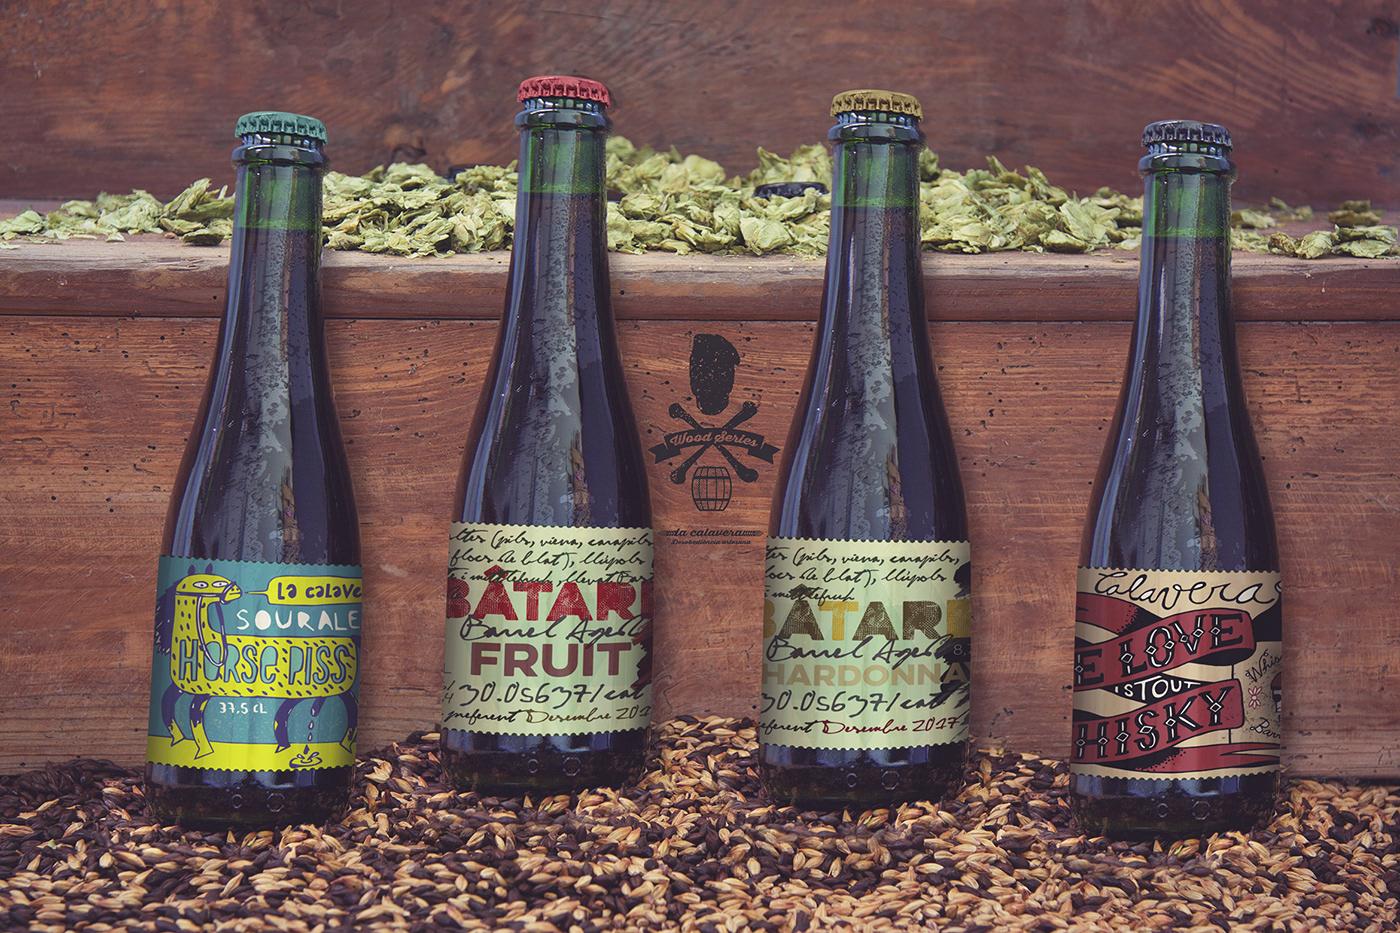 stair malt beer Mockup bottle psd photoshop wood design 375CL